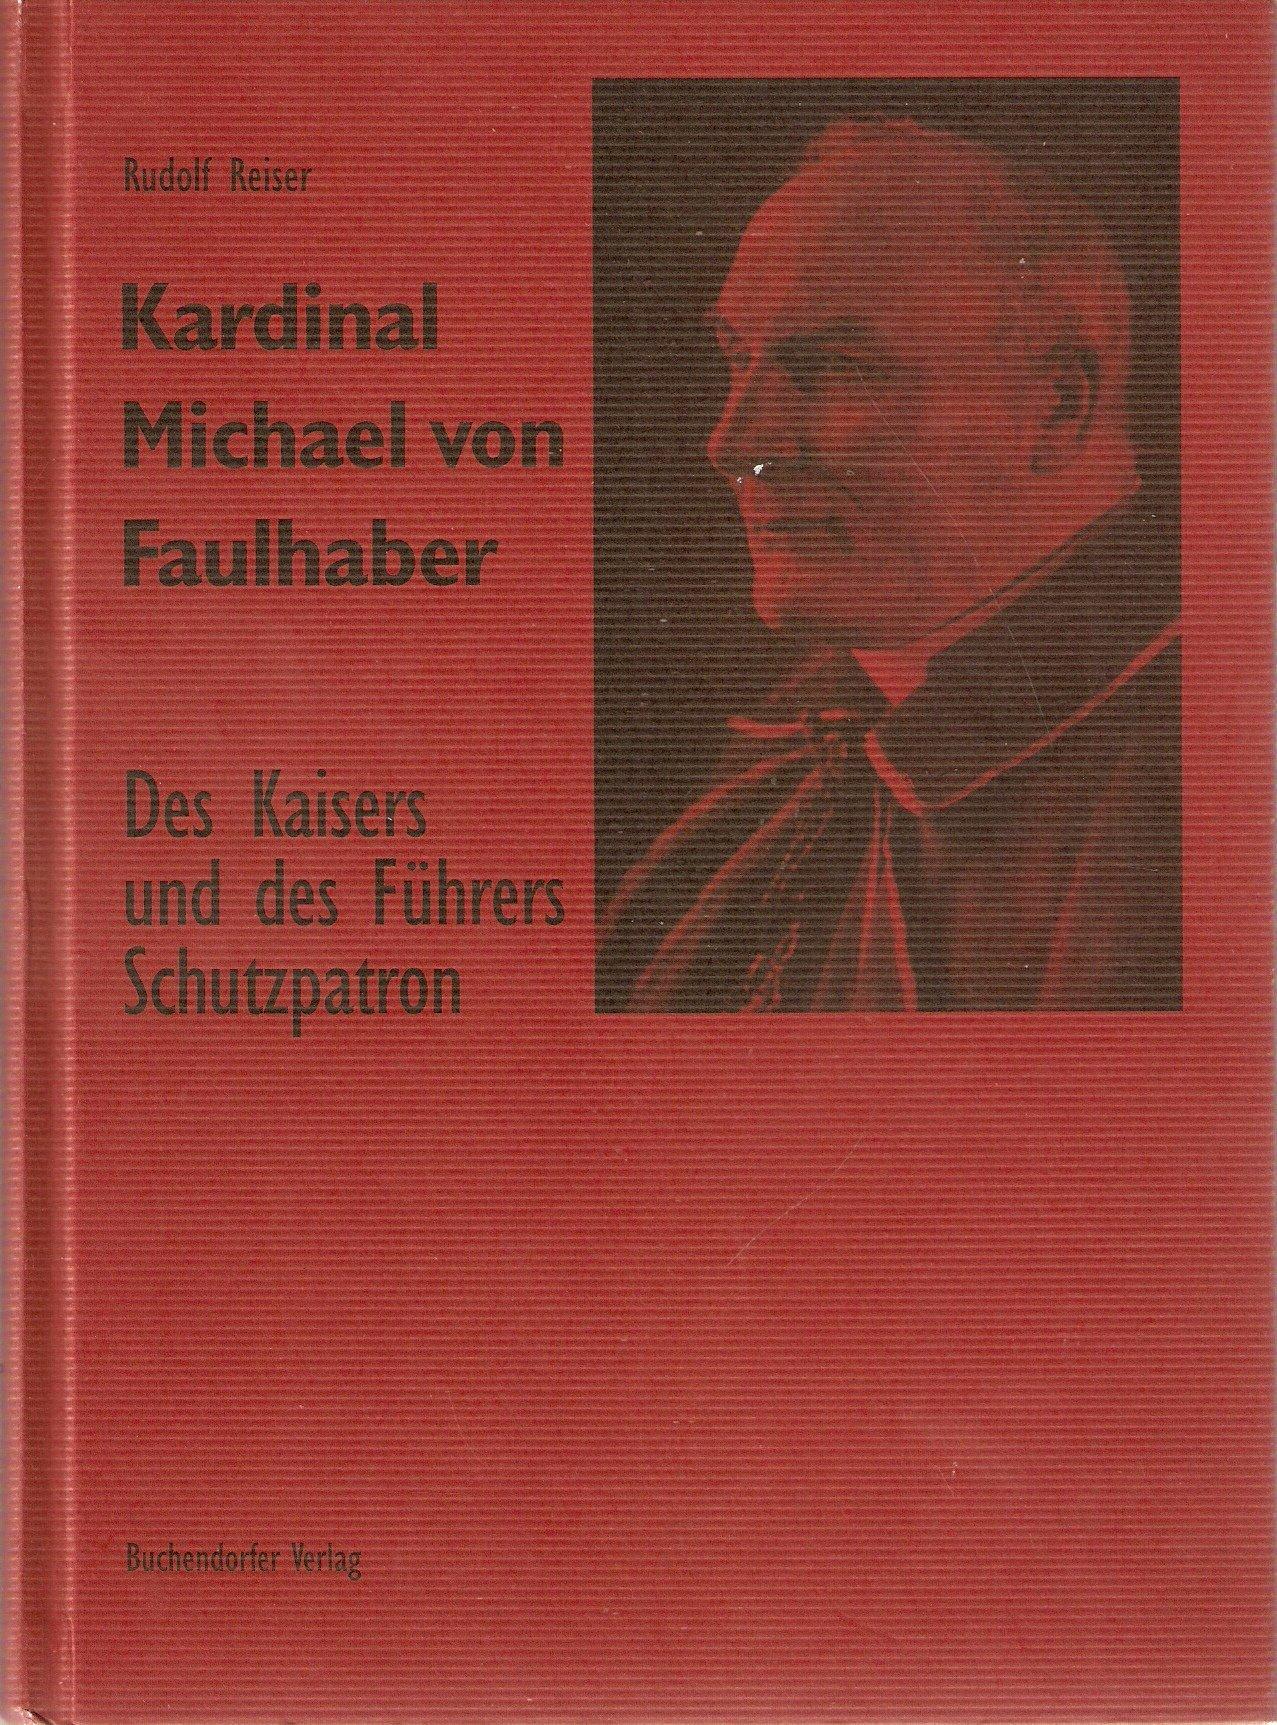 Kardinal Michael von Faulhaber. Des Kaisers und des Führers Schutzpatron